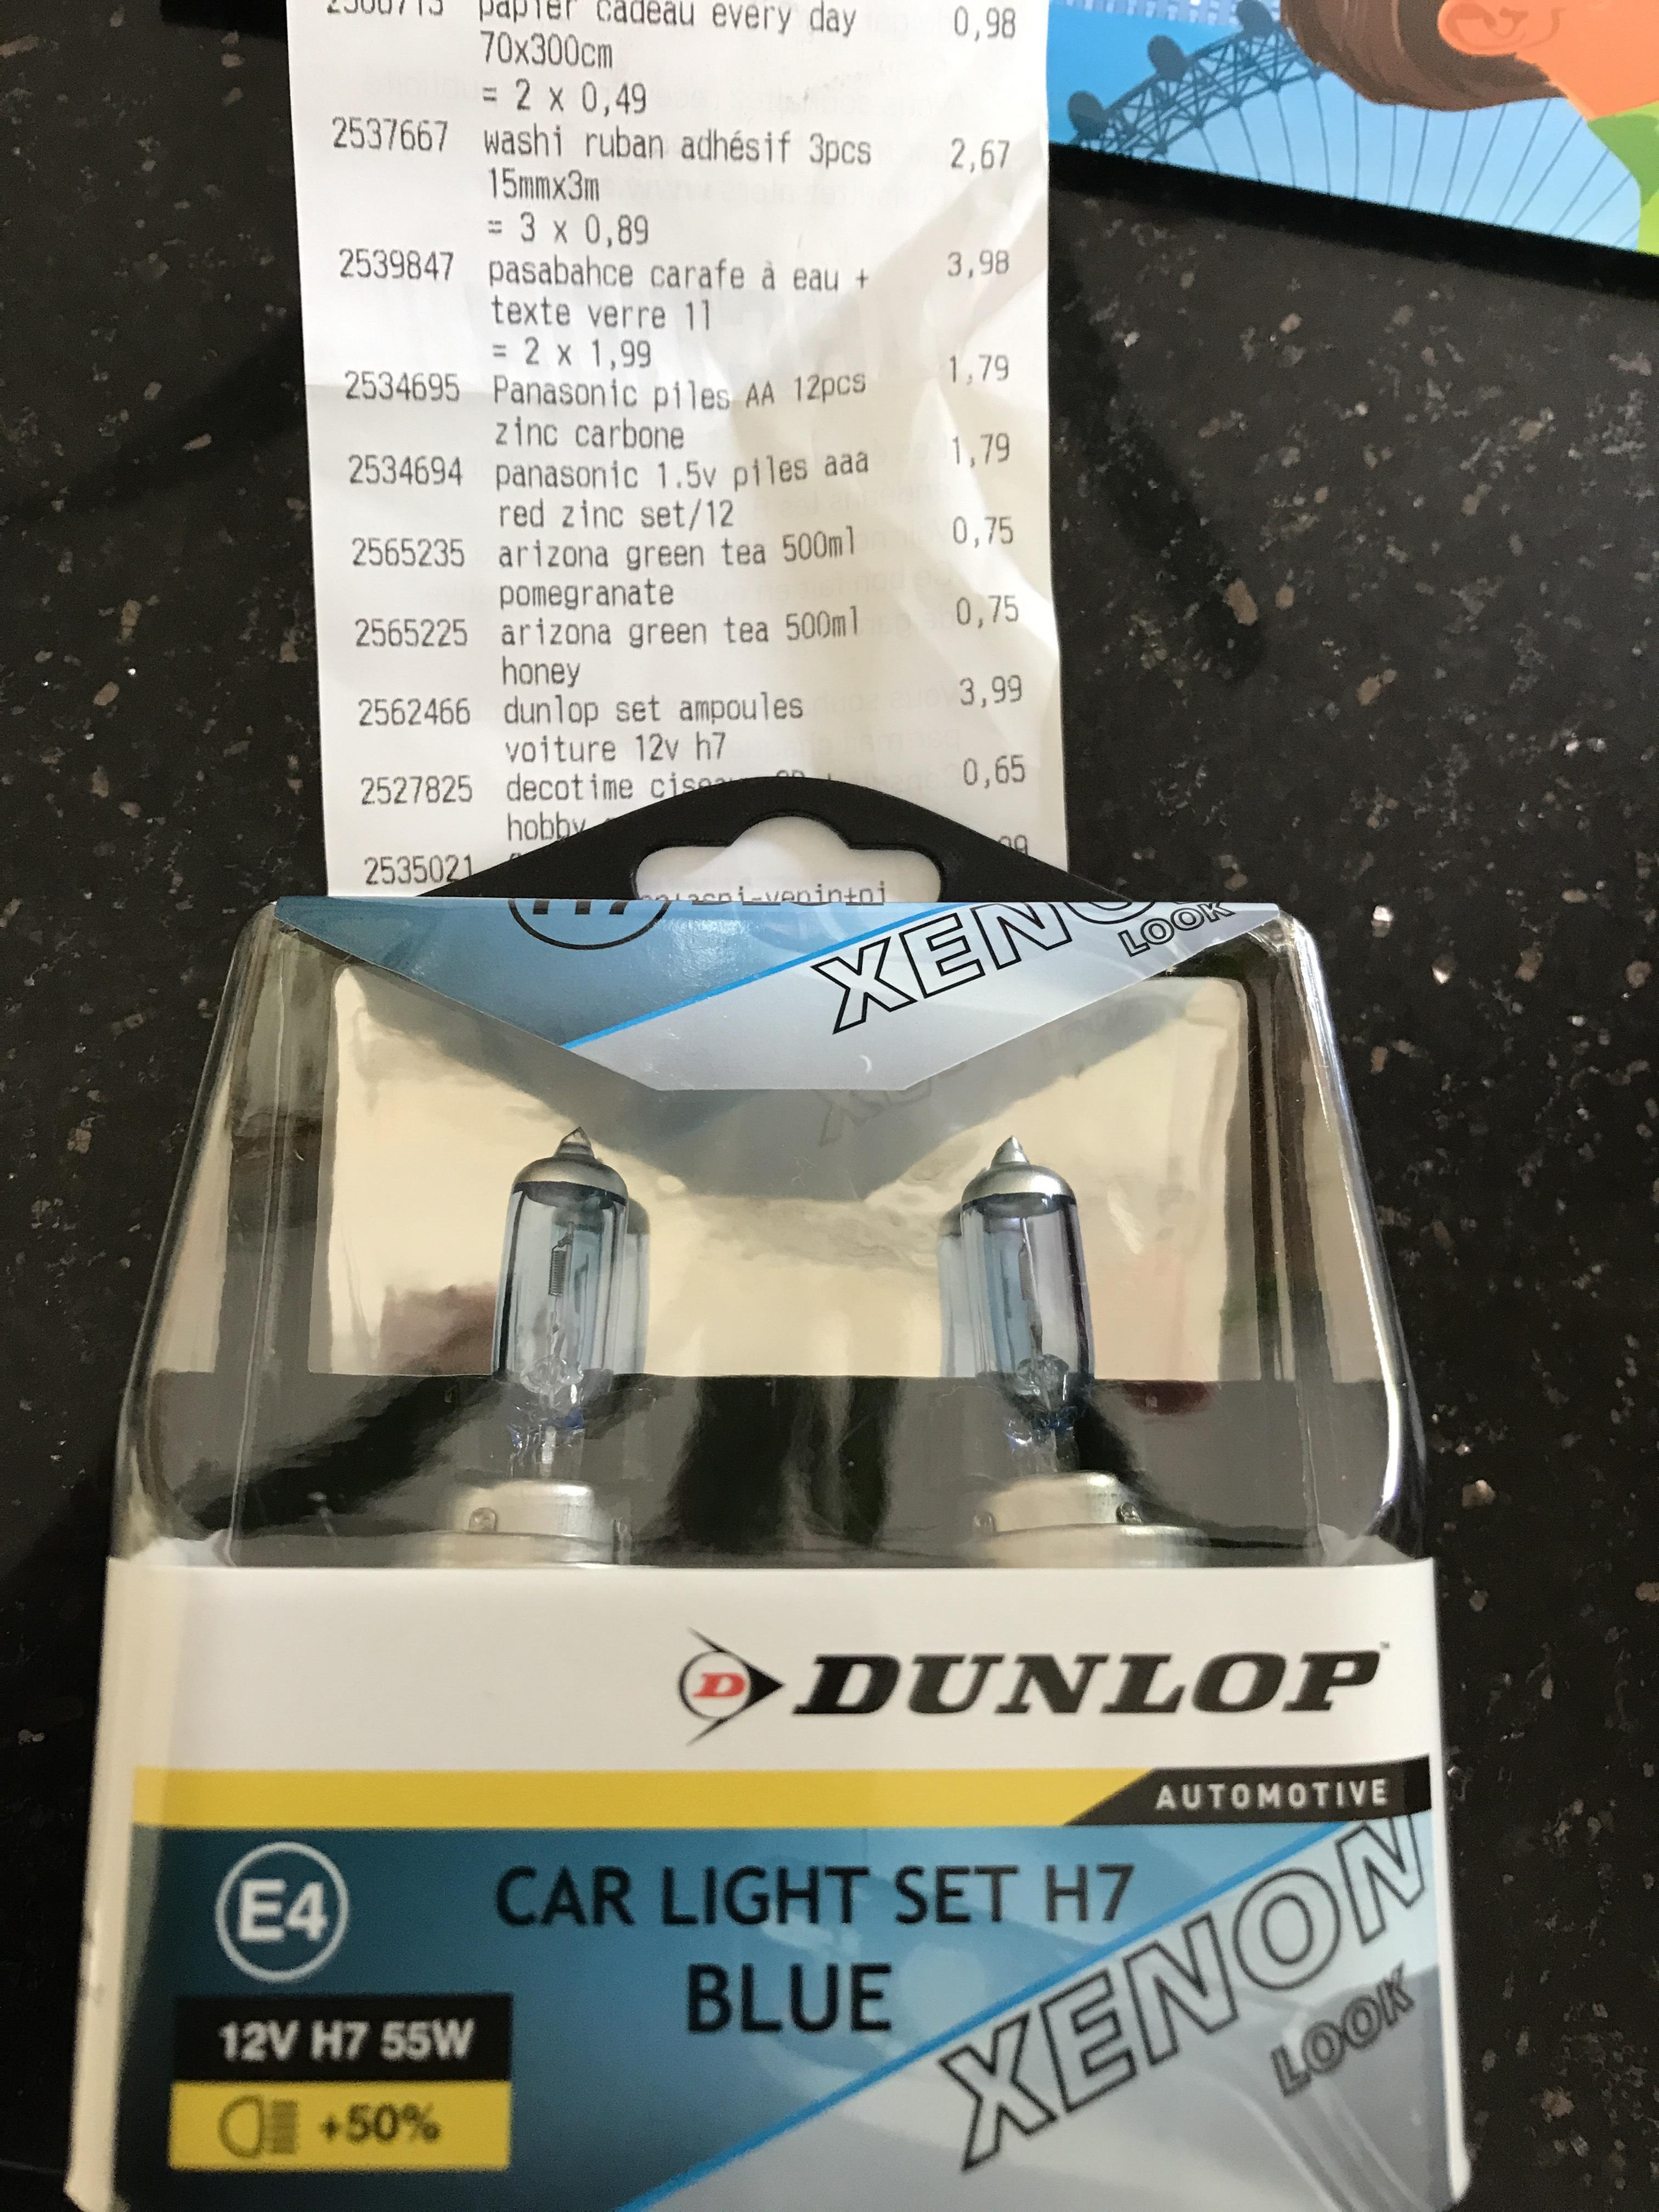 Kit 2 ampoules H7 Dunlop - Blue Xenon